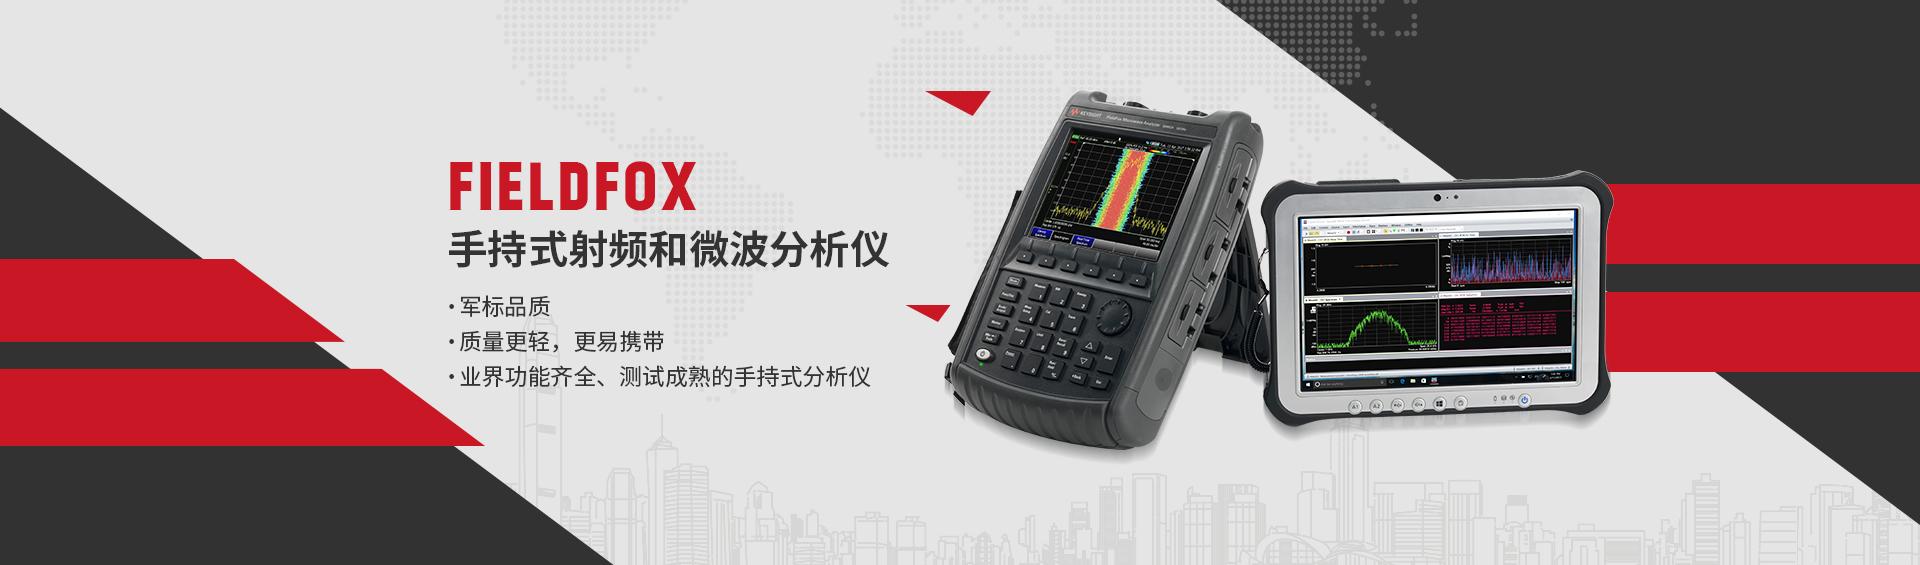 便携式射频分析仪